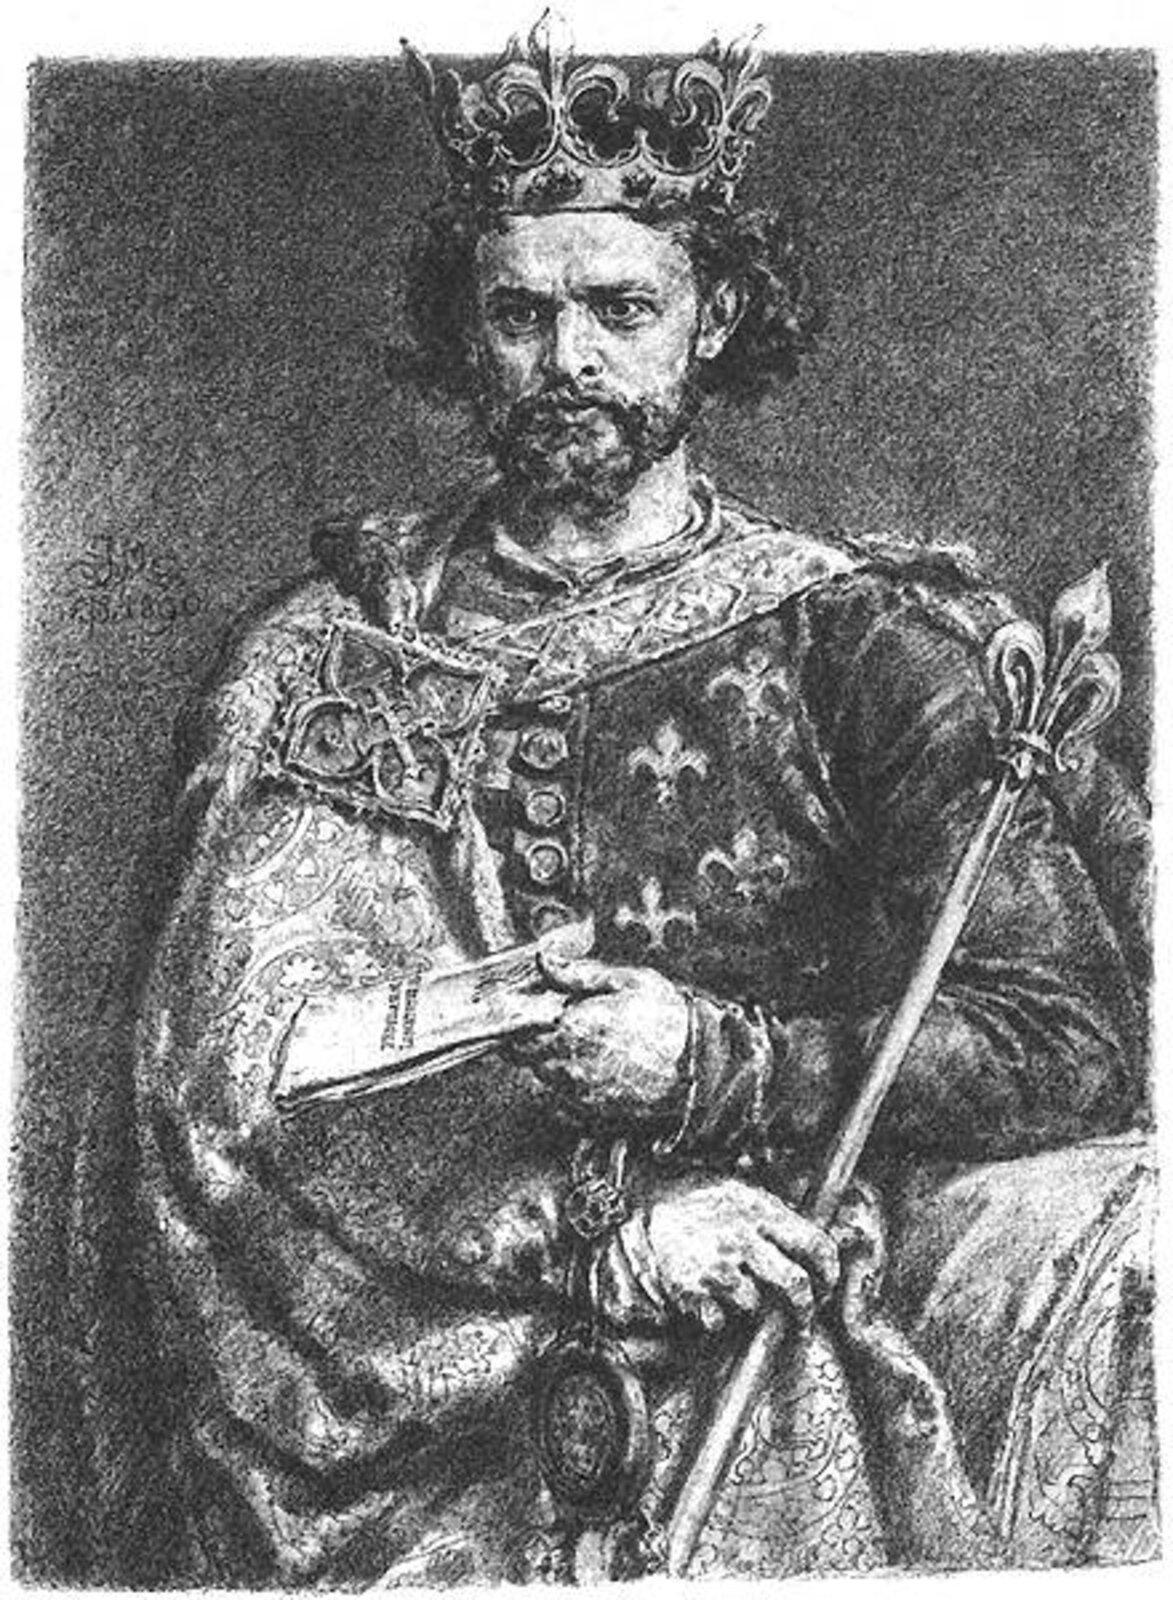 Rysunek króla Ludwika Węgierskiego. Ubrany wszatę królewską, zberłem wprawej dłoni iwkoronie na głowie. Ma kręcone włosy ibrodę.